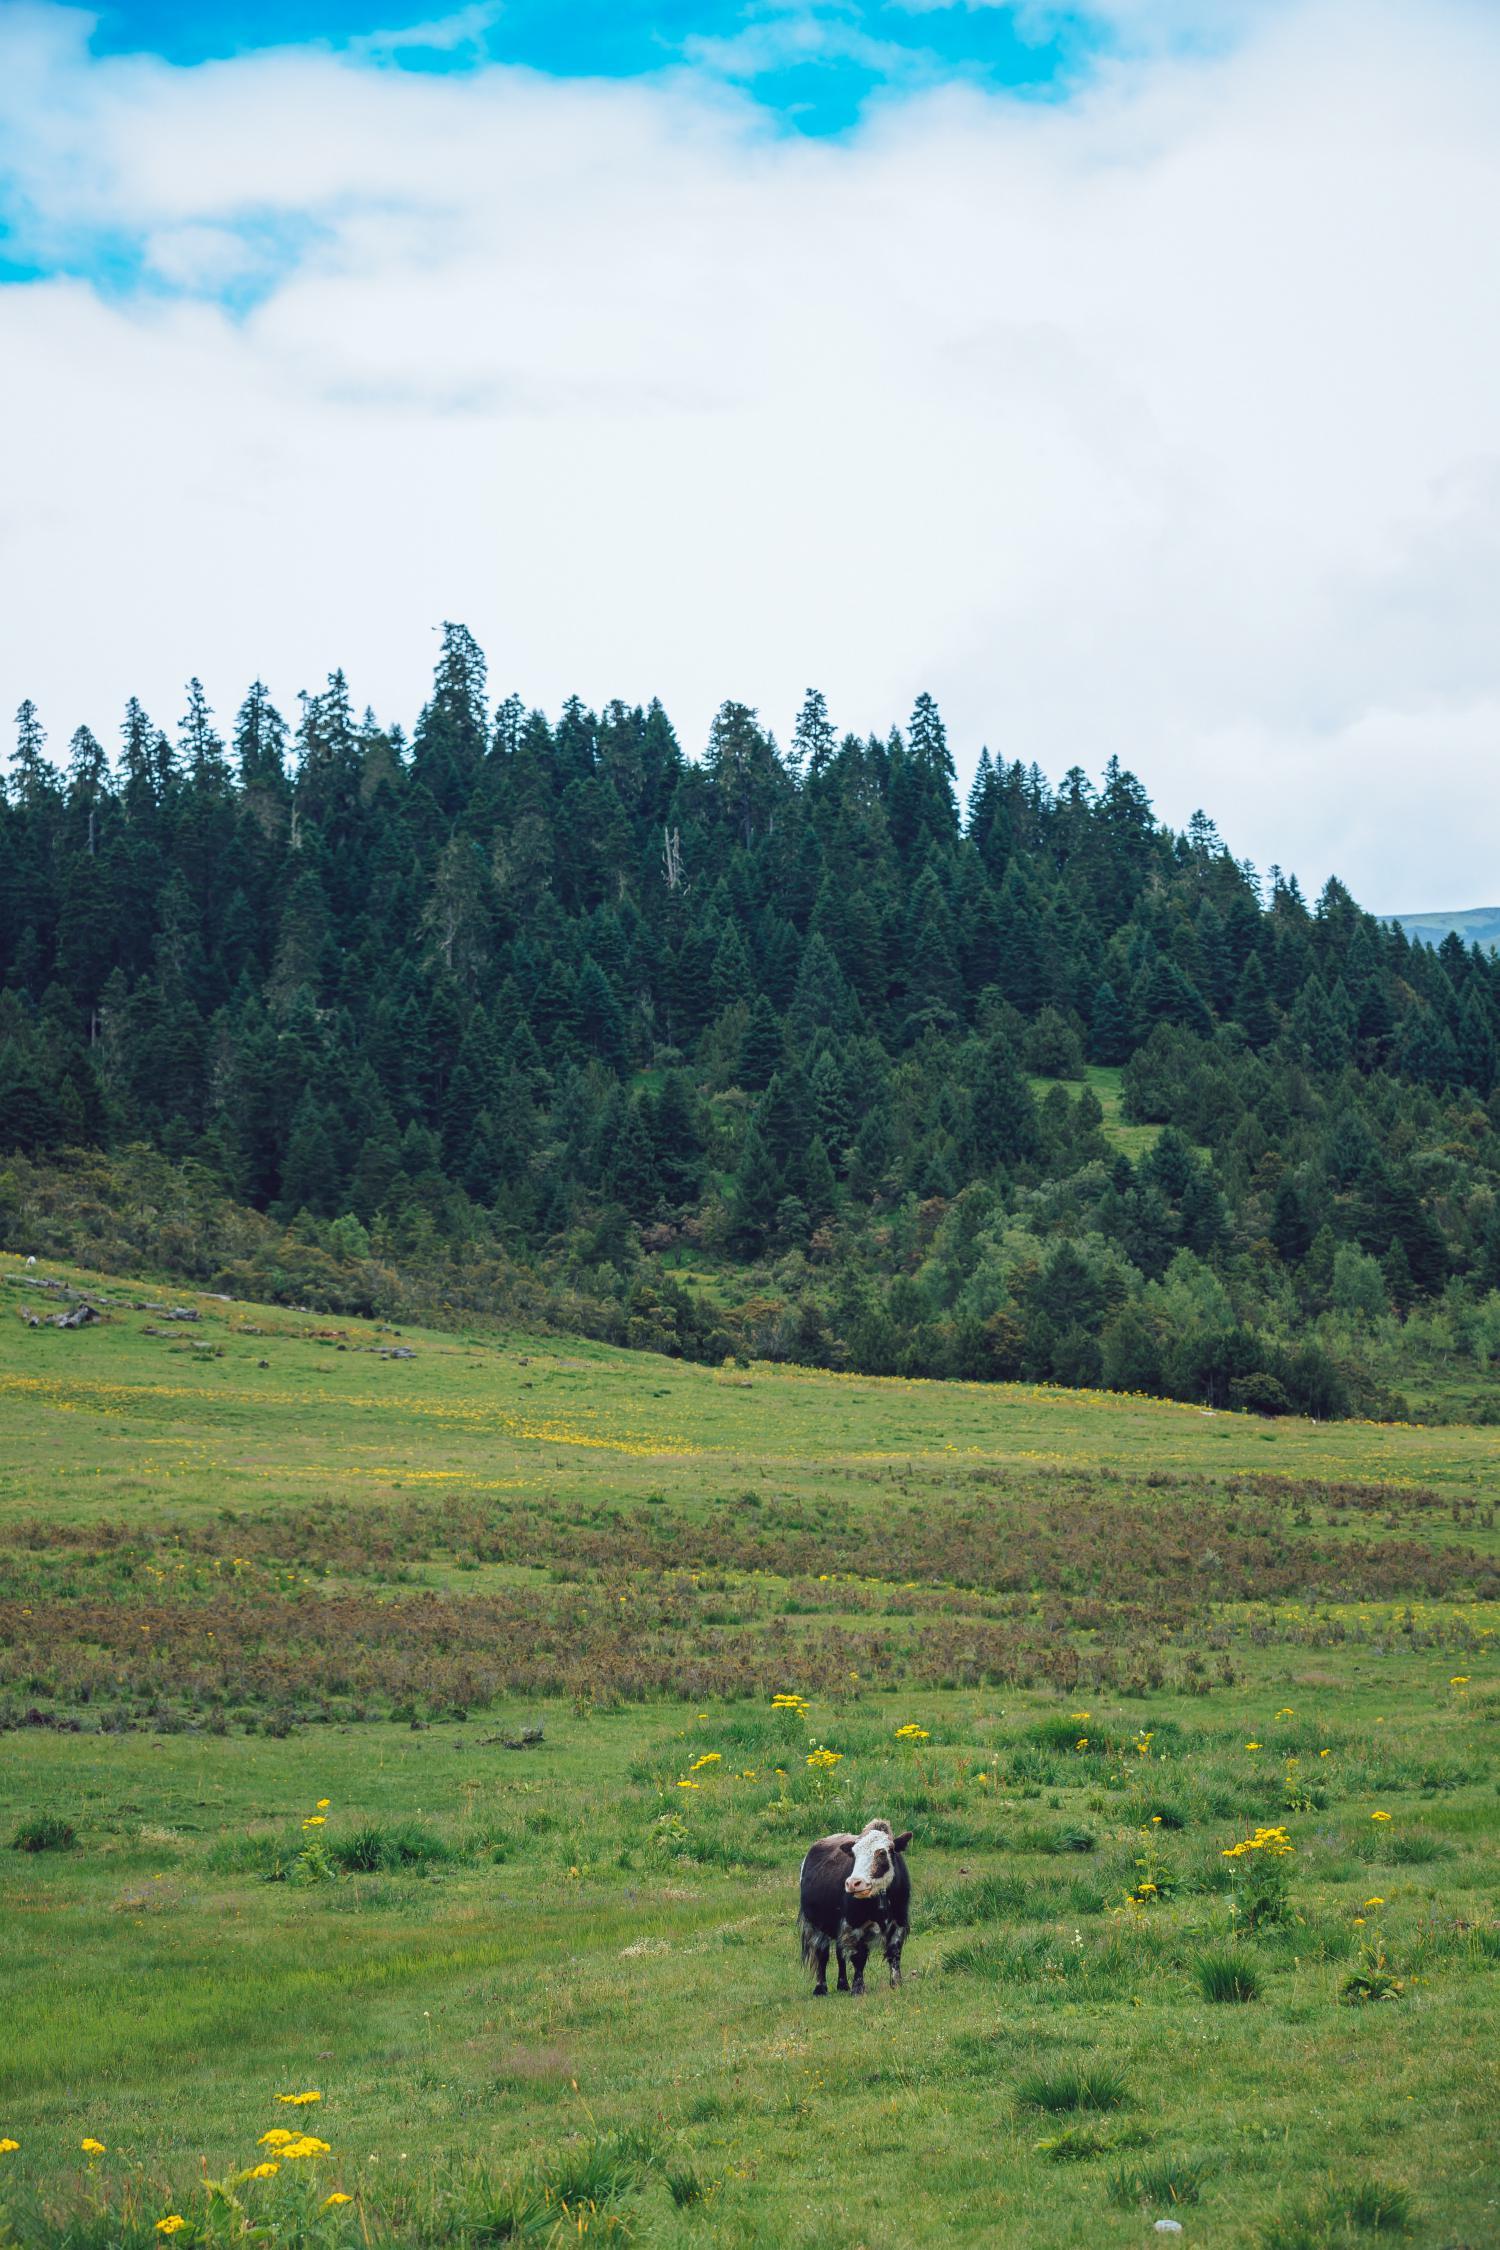 武隆自驾游景点推荐,仙女山森林公园攻略